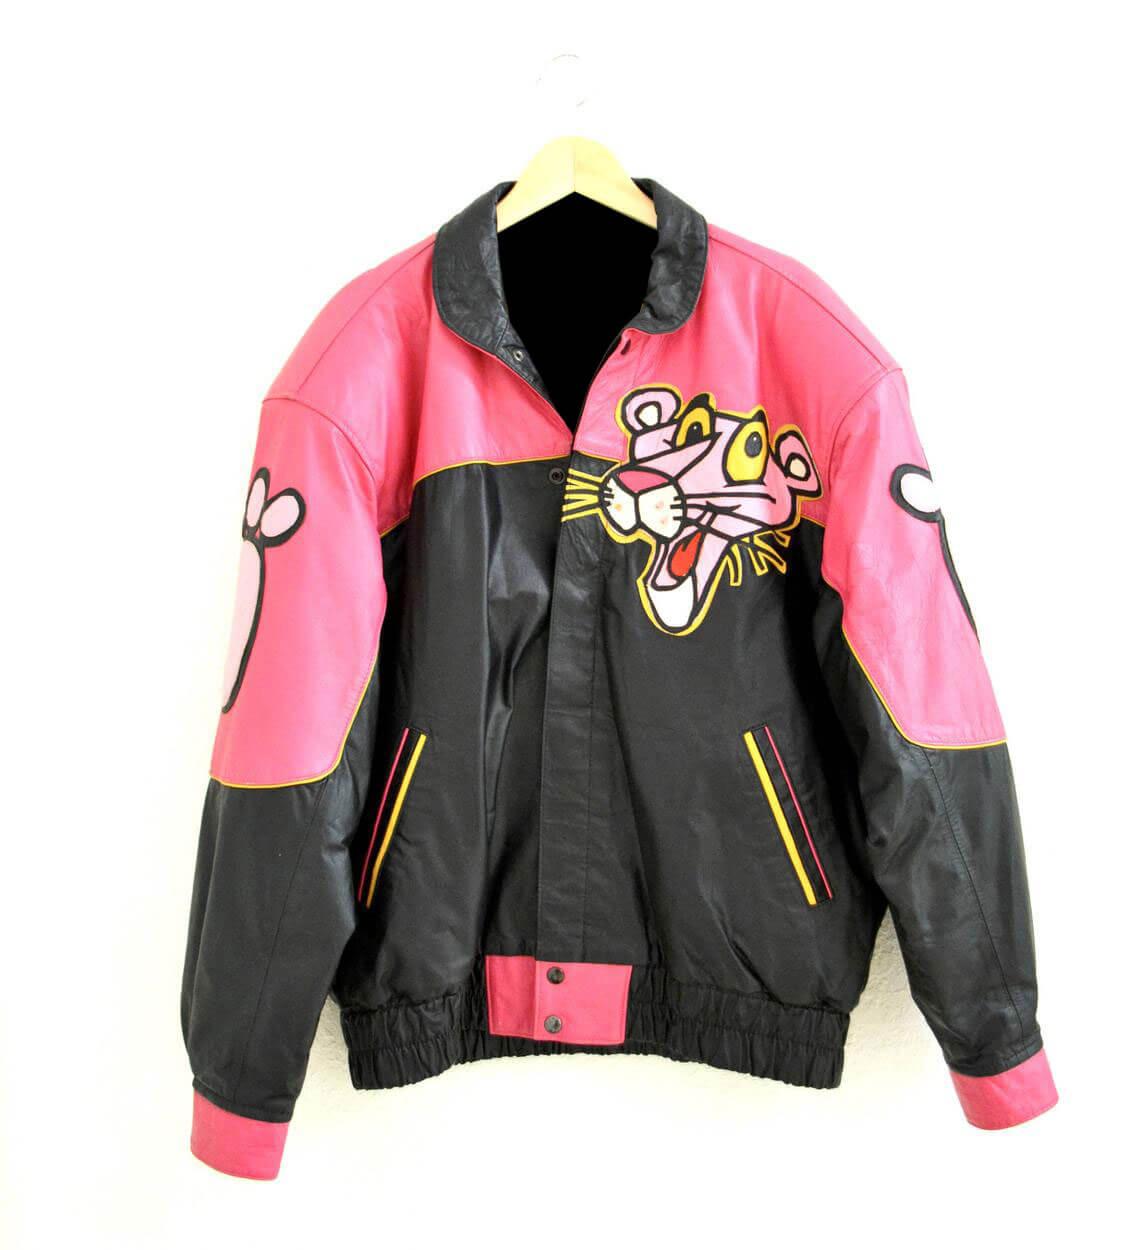 Vintage Pink Panther Cartoon Anime JacketVintage Pink Panther Cartoon Anime Jacket